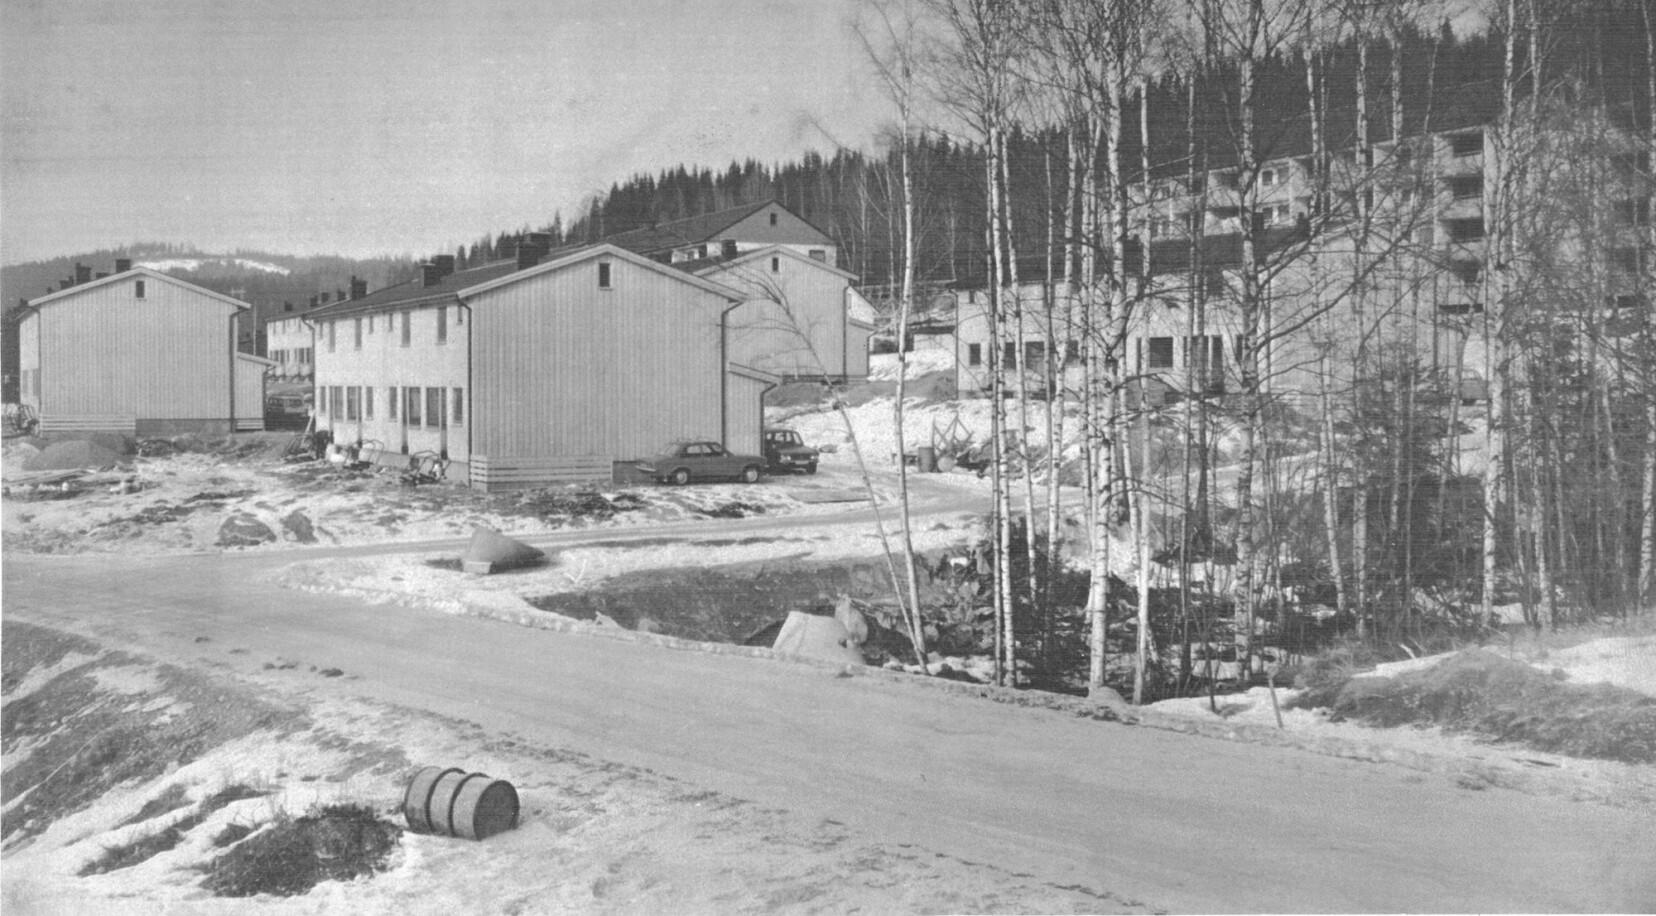 Rekkehusene på Vangen kom under de aktive 1970-årene.